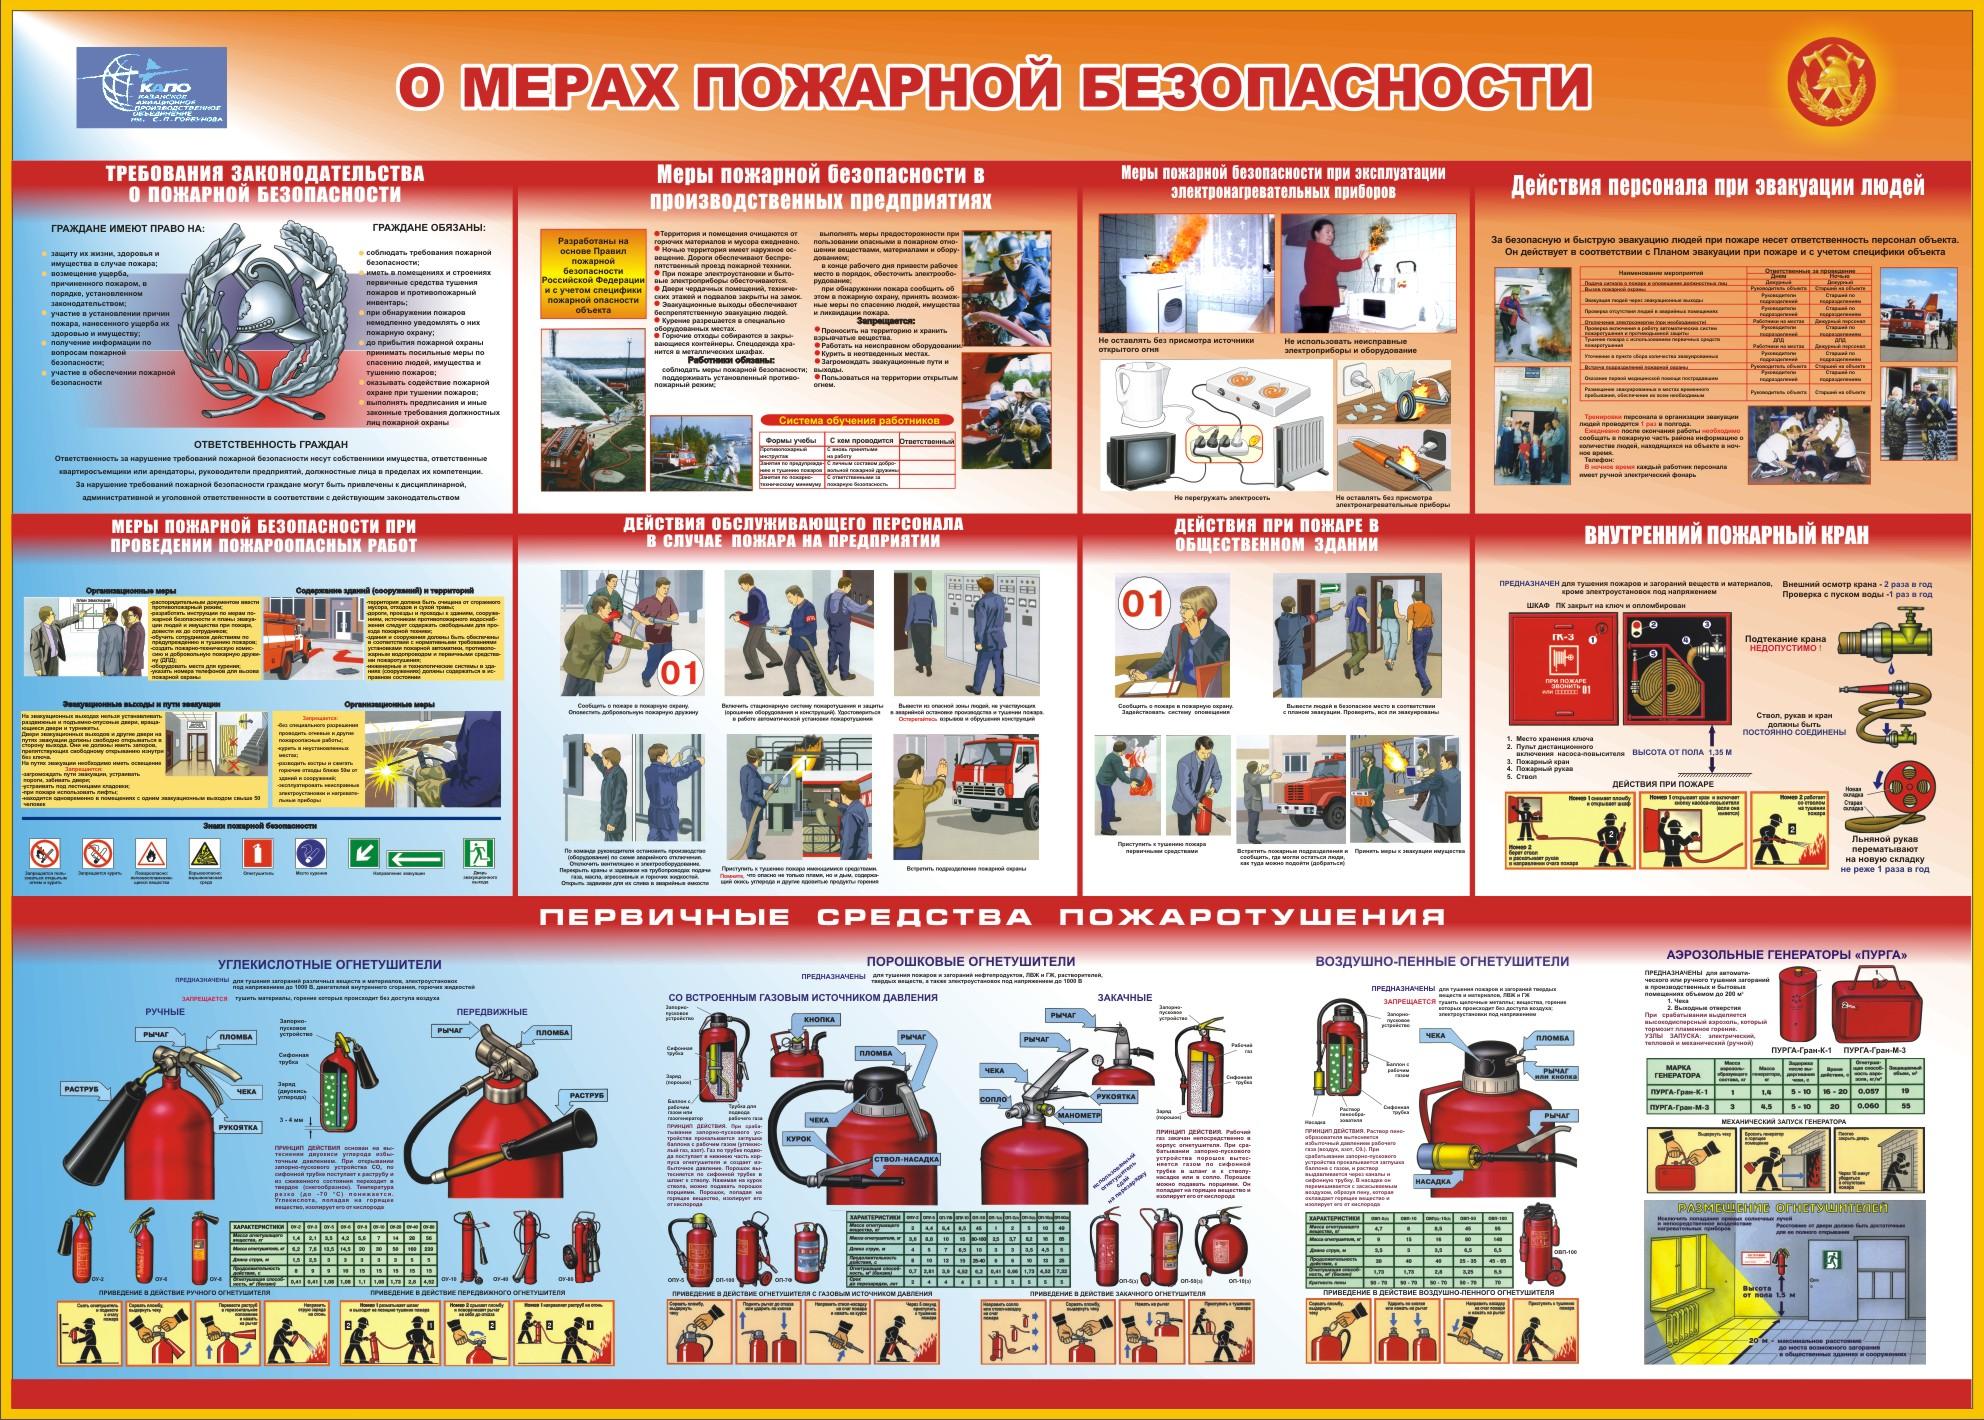 Инструкция по пожарной безопасности в казахстане